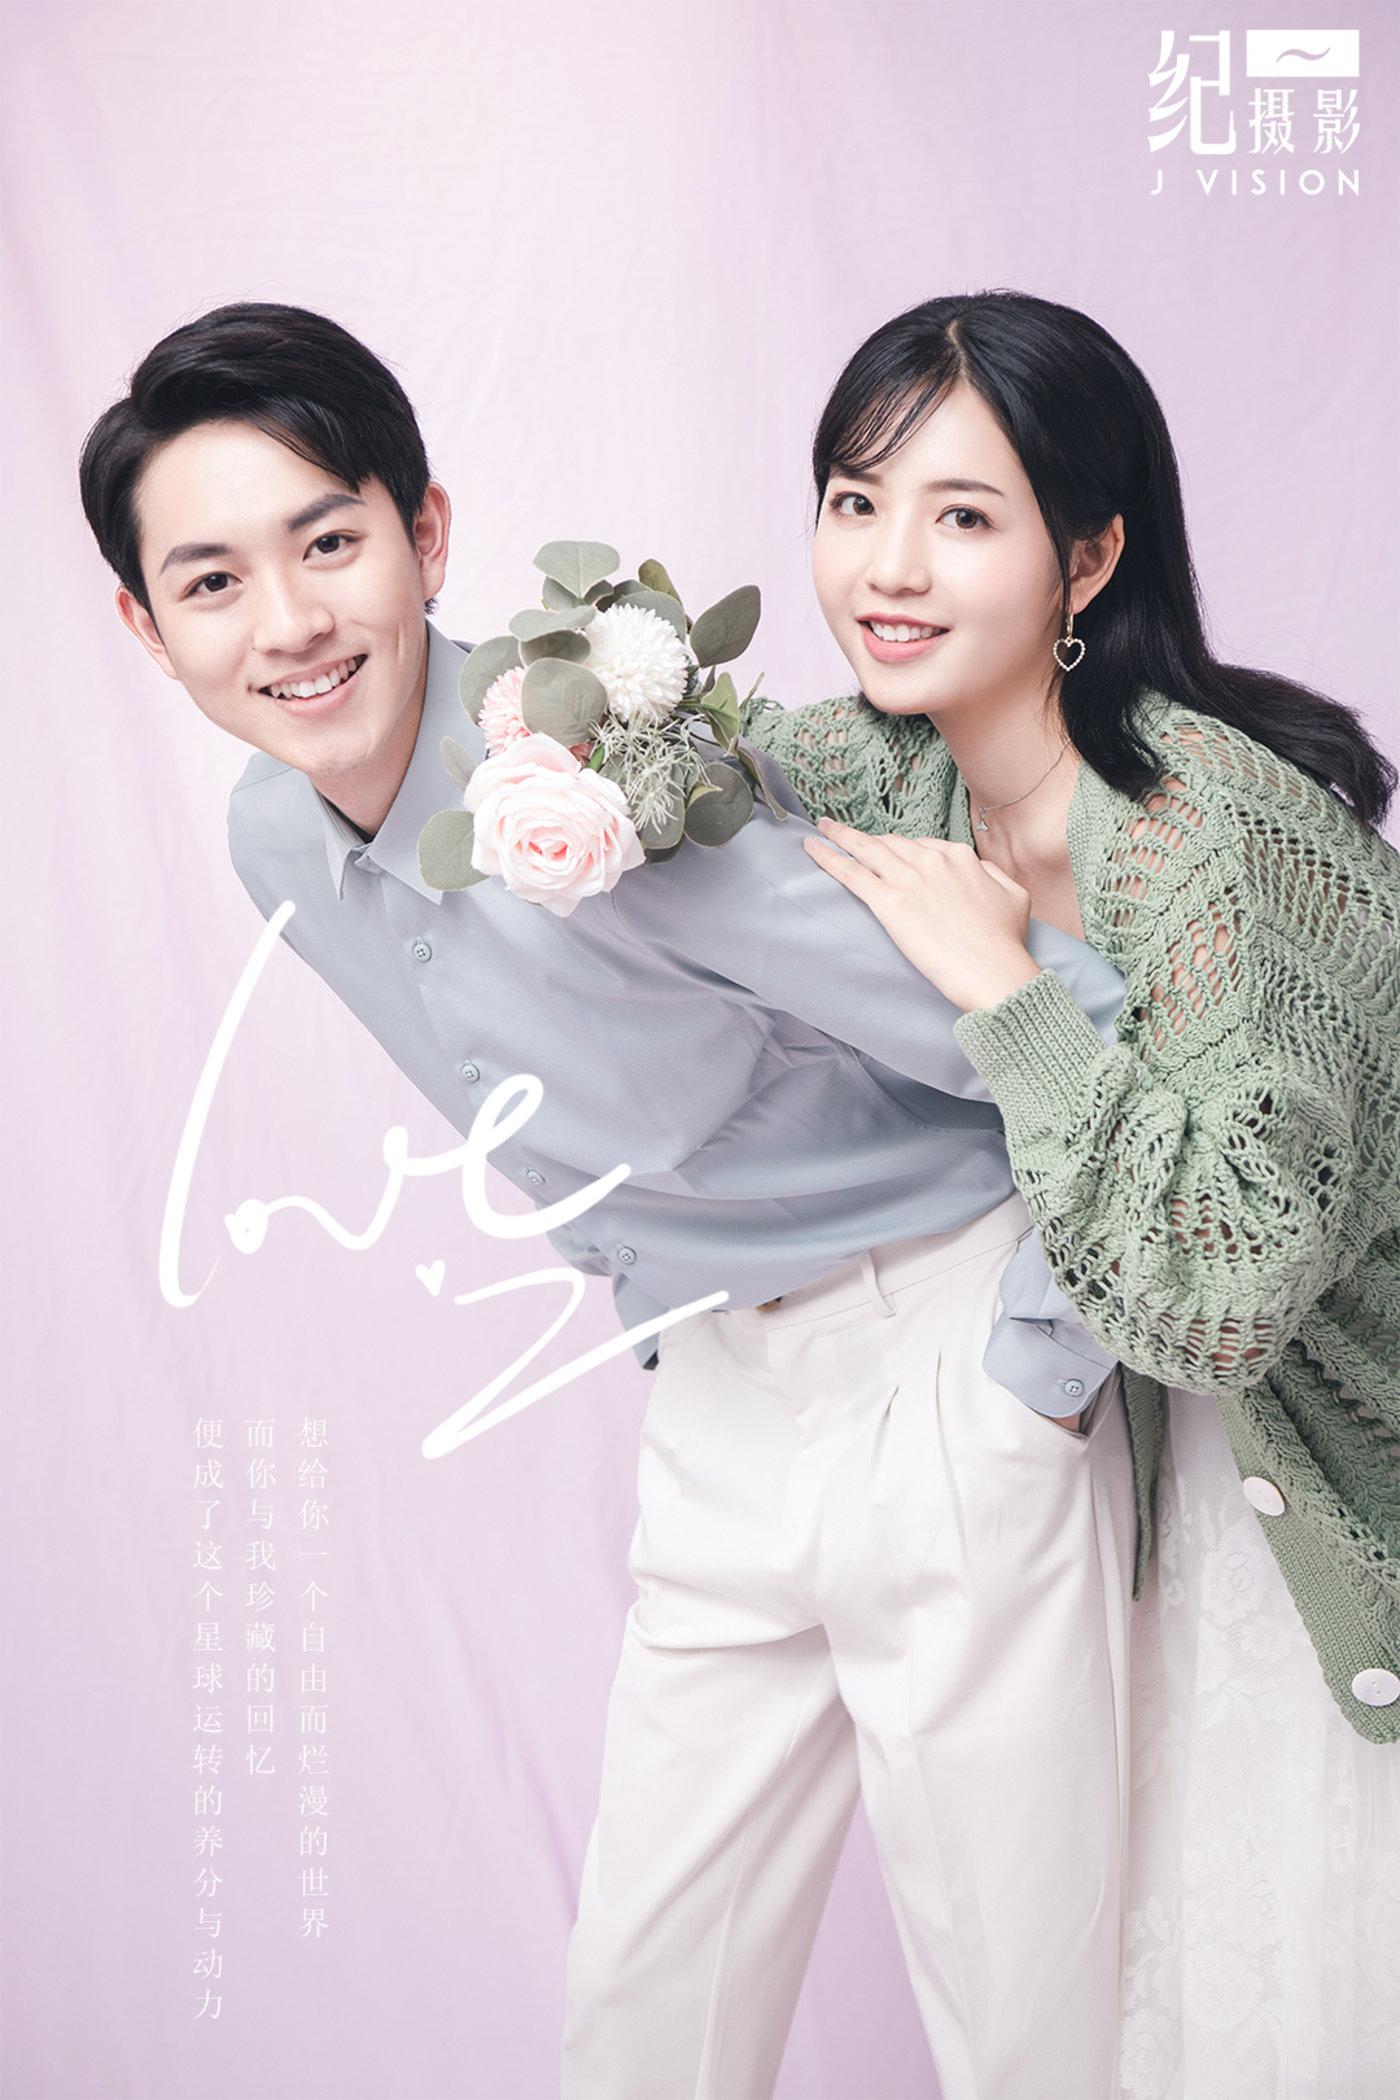 < 青春系列丨初恋の芝芝粉朵 >6